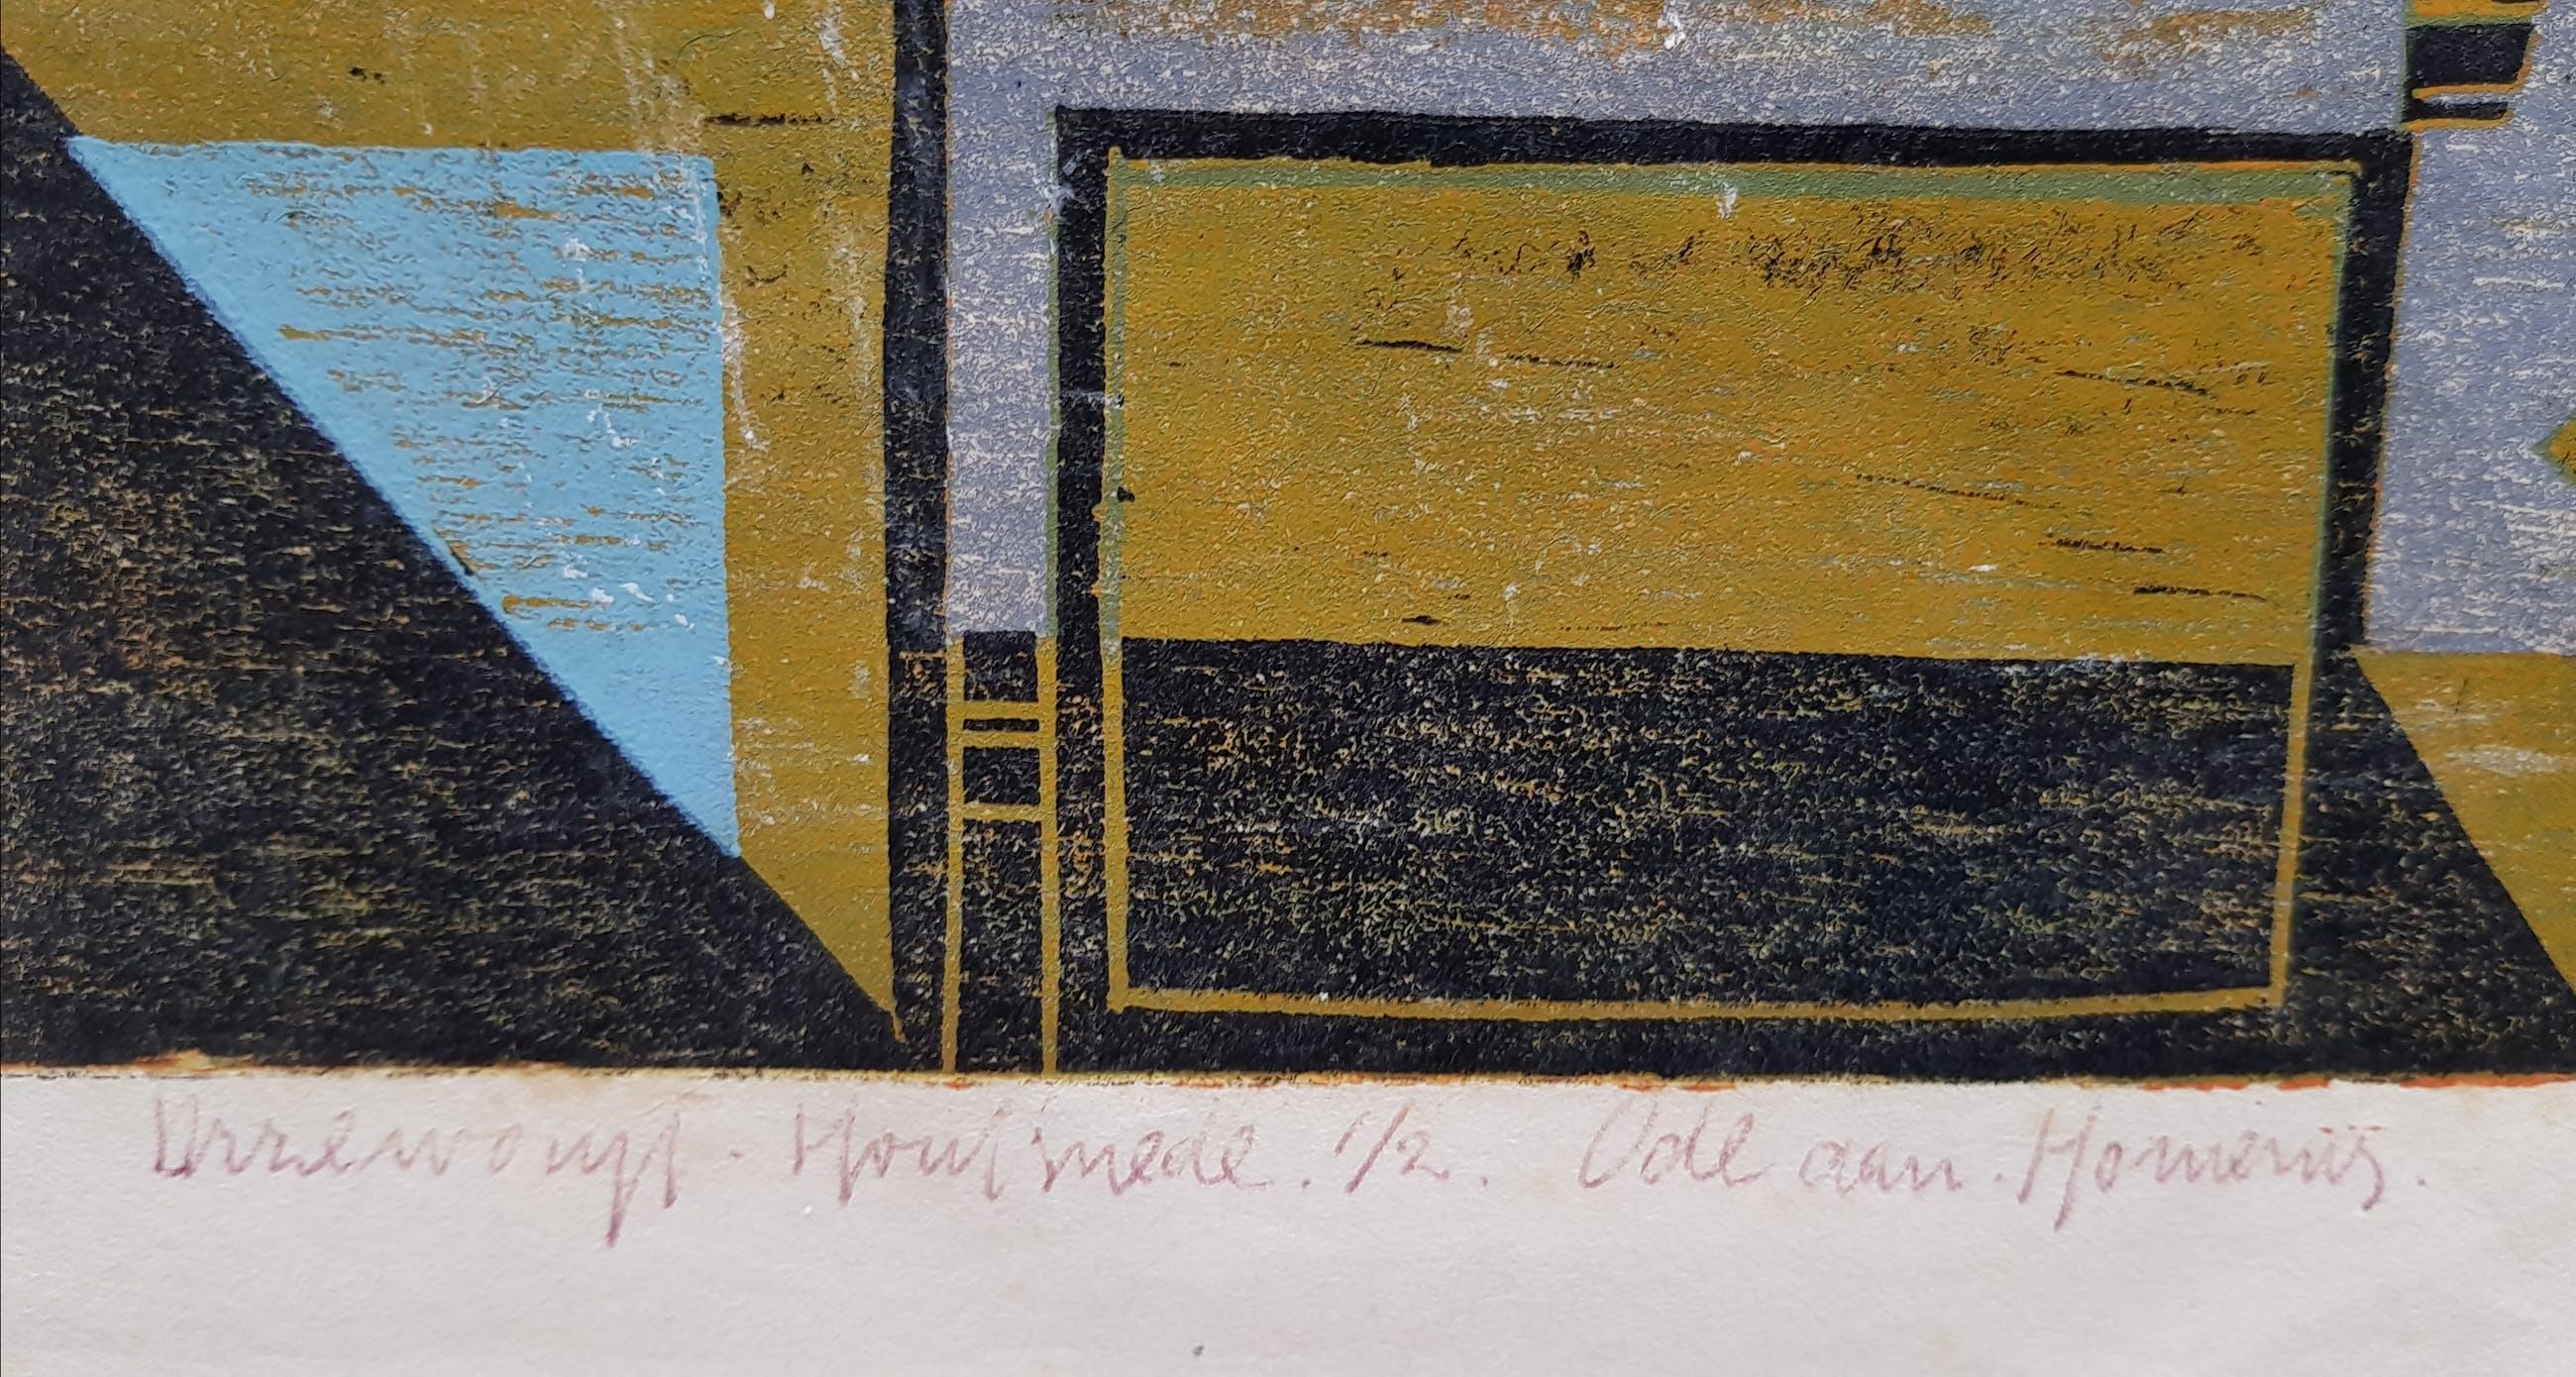 Niet of onleesbaar gesigneerd - Ode aan Homenius, houtsnede, 1965 kopen? Bied vanaf 1!